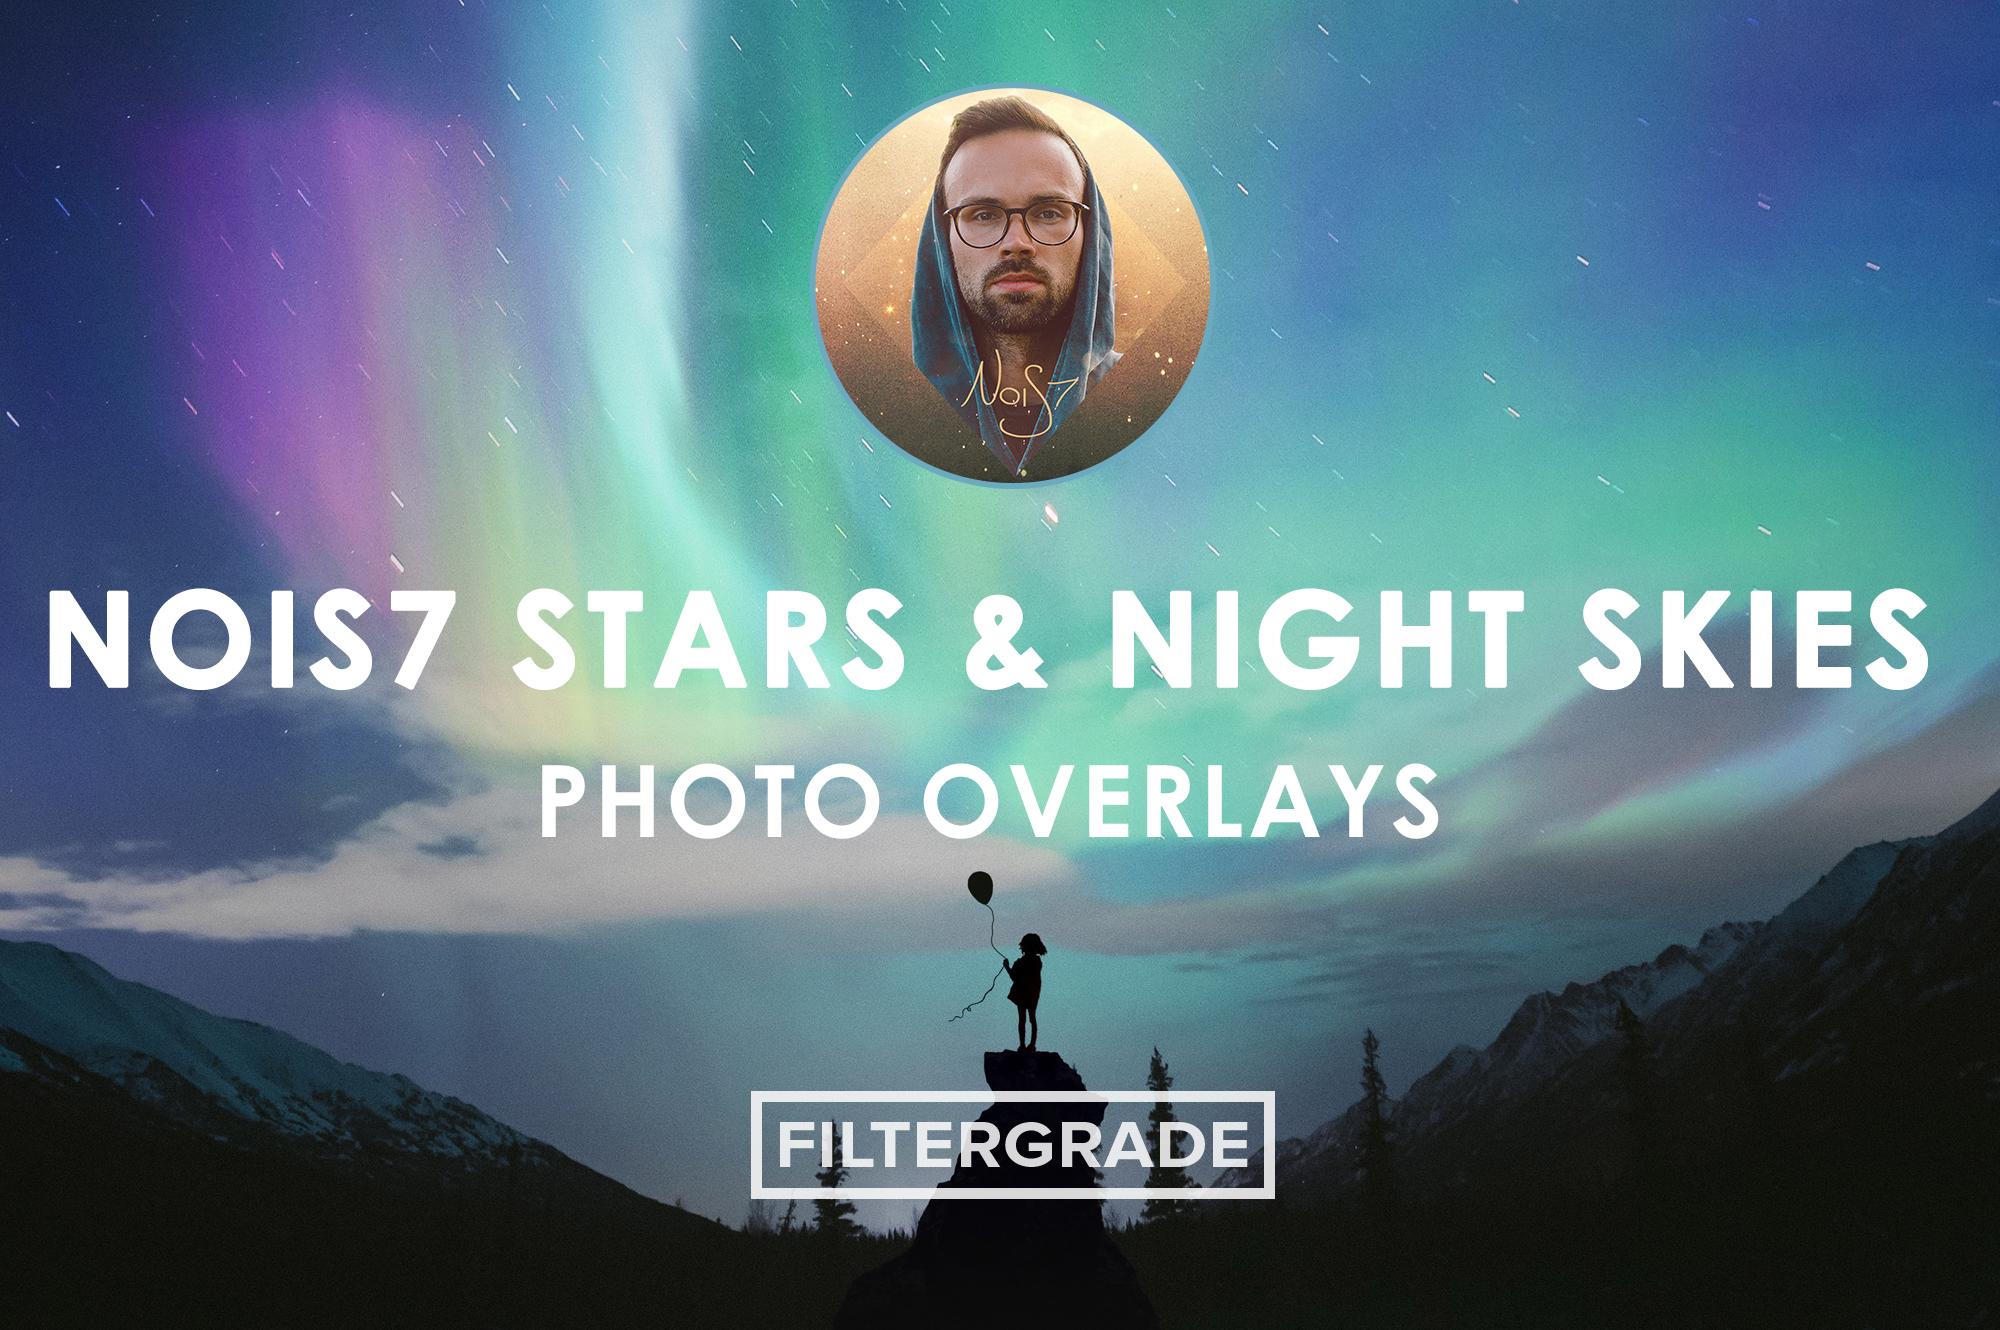 Nois7 Stars & Night Skies Photo Overlays - FilterGrade